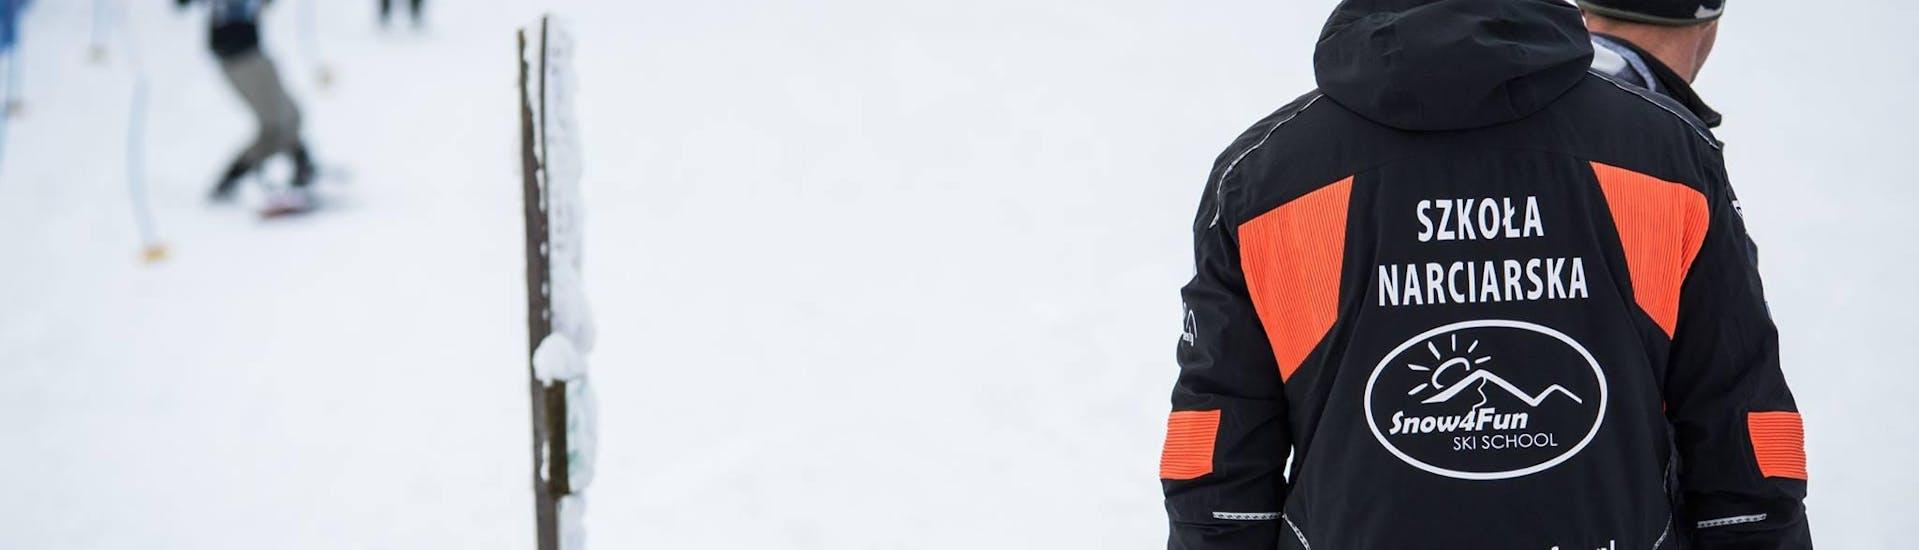 Clases de esquí privadas para adultos para principiantes con Szkoła Narciarska i Snowboardowa Snow4fun - Hero image